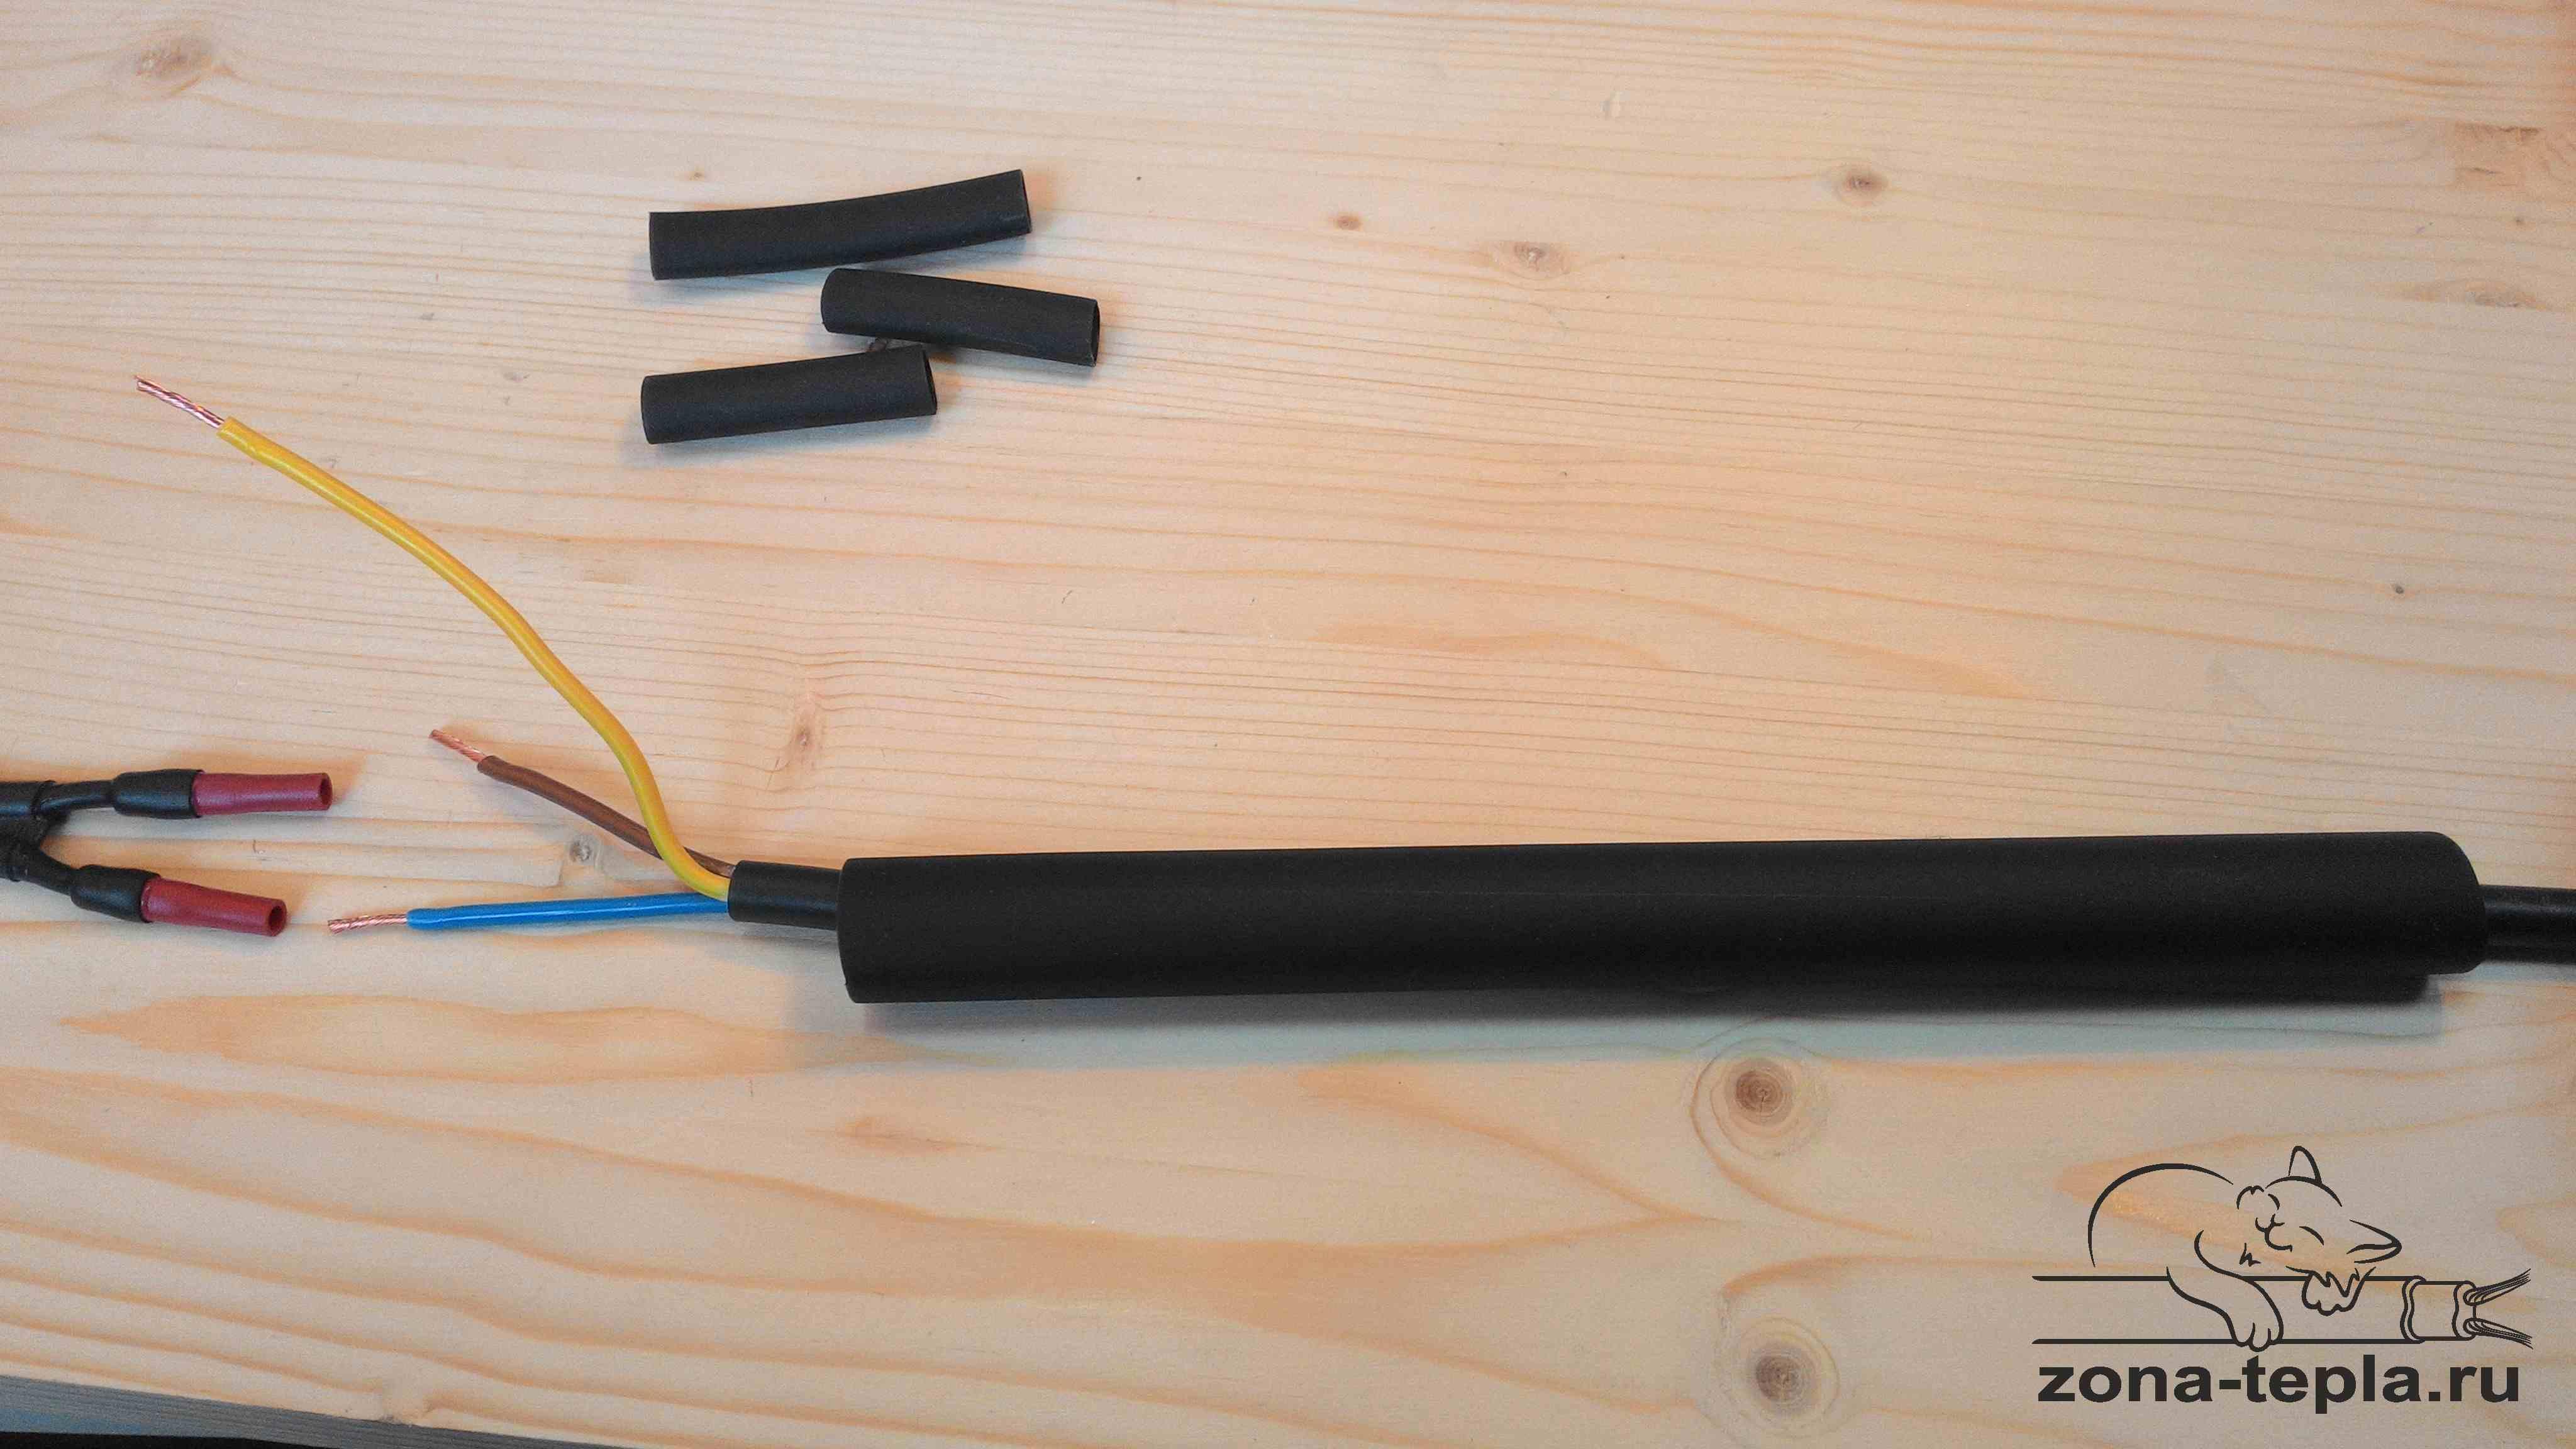 Подключение греющего кабеля для водопровода. 21-одеваем внешнюю термоусадочную муфту